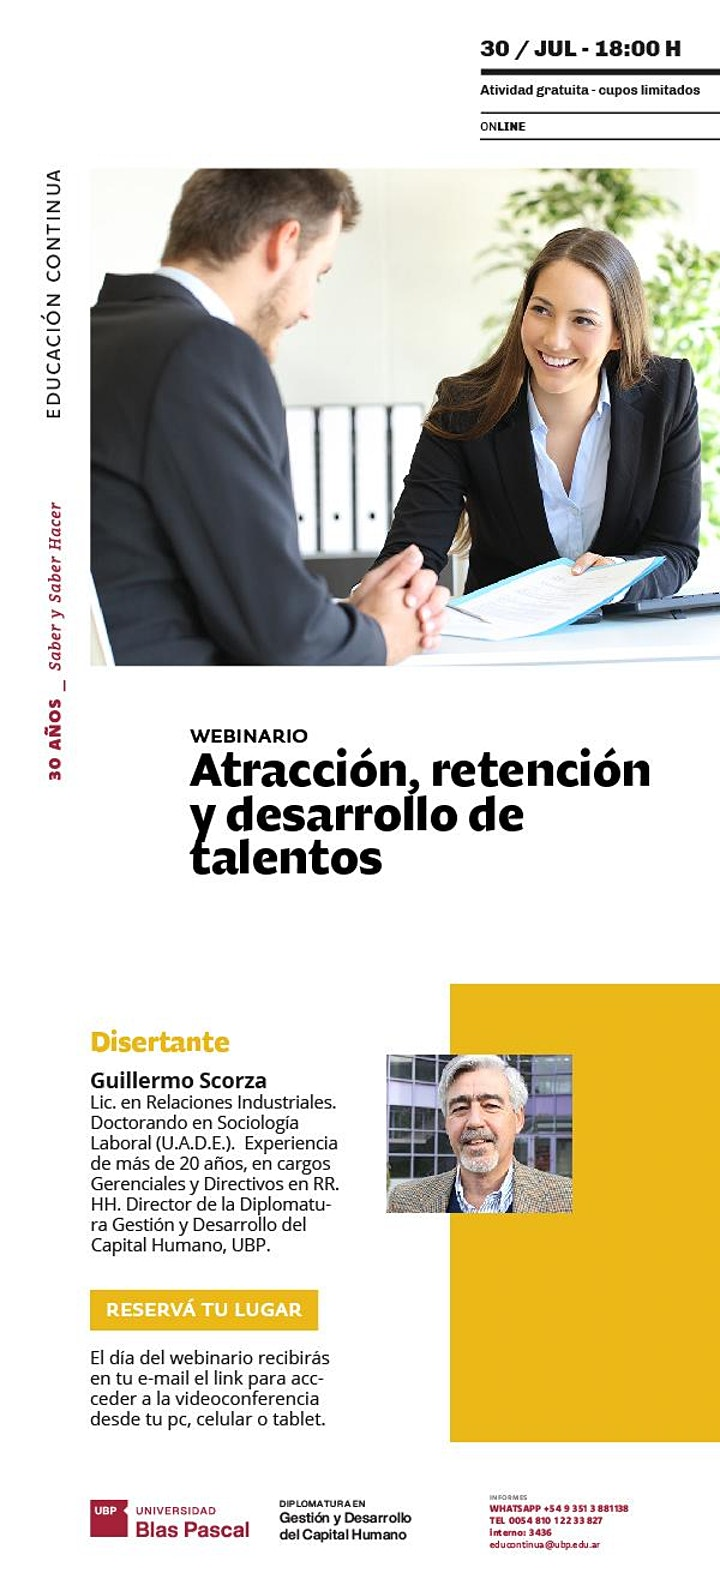 Imagen de Webinario> Atracción, retención y desarrollo de talentos